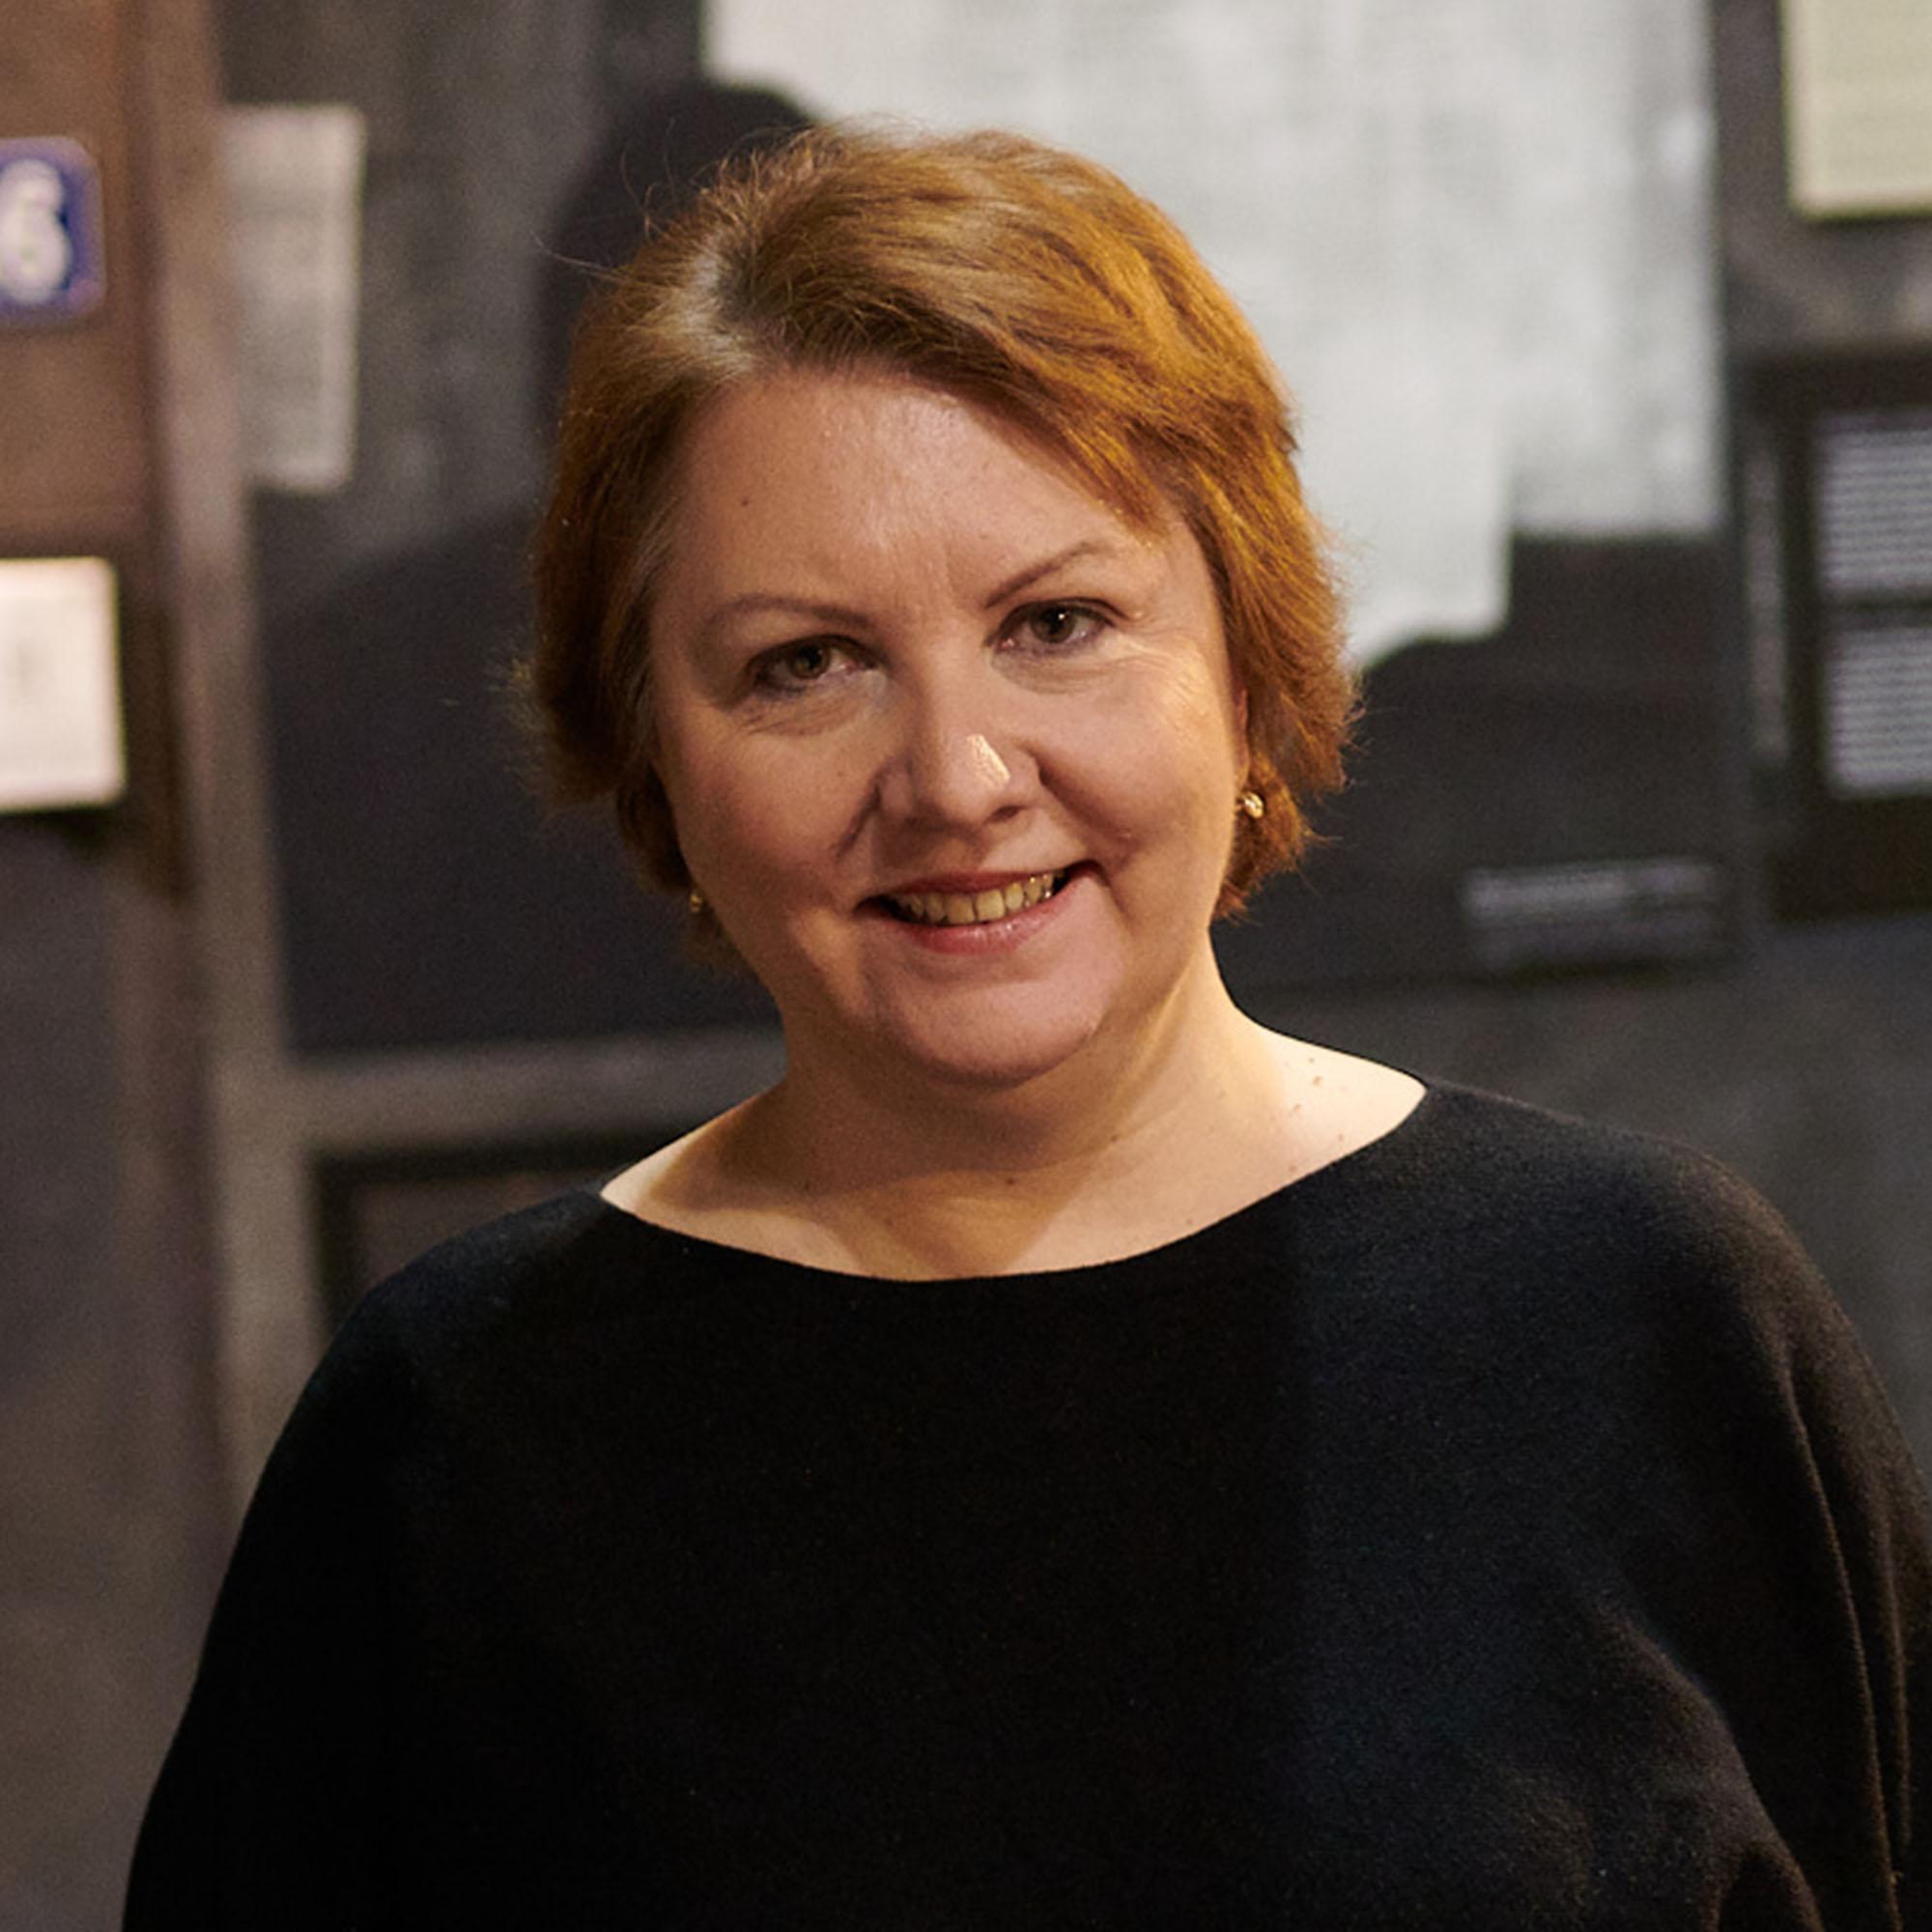 Monika Stasiak